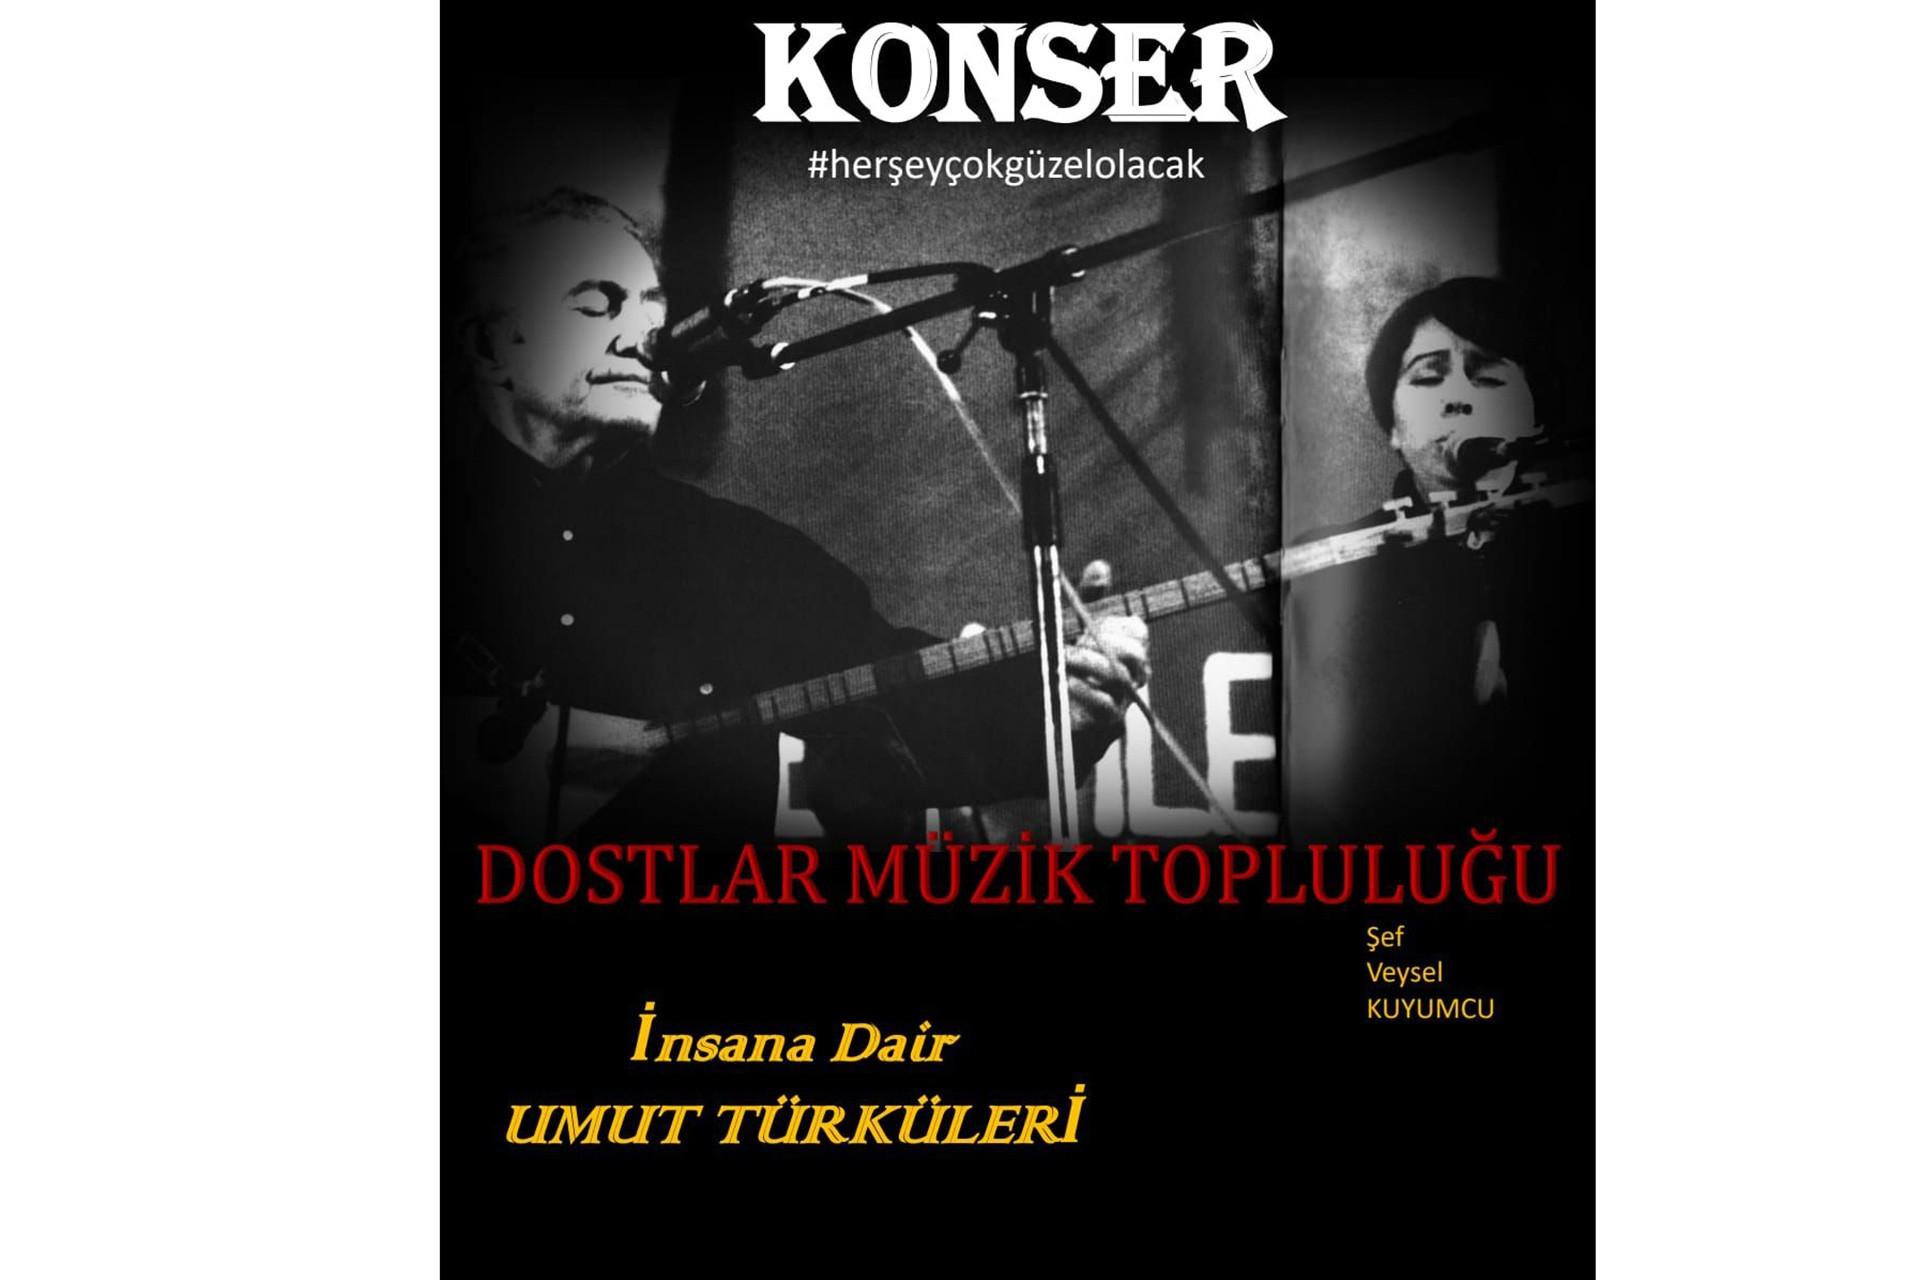 """Dostlar Müzik Topluluğundan """"İnsana Dair/Umut Türküleri"""" konseri"""